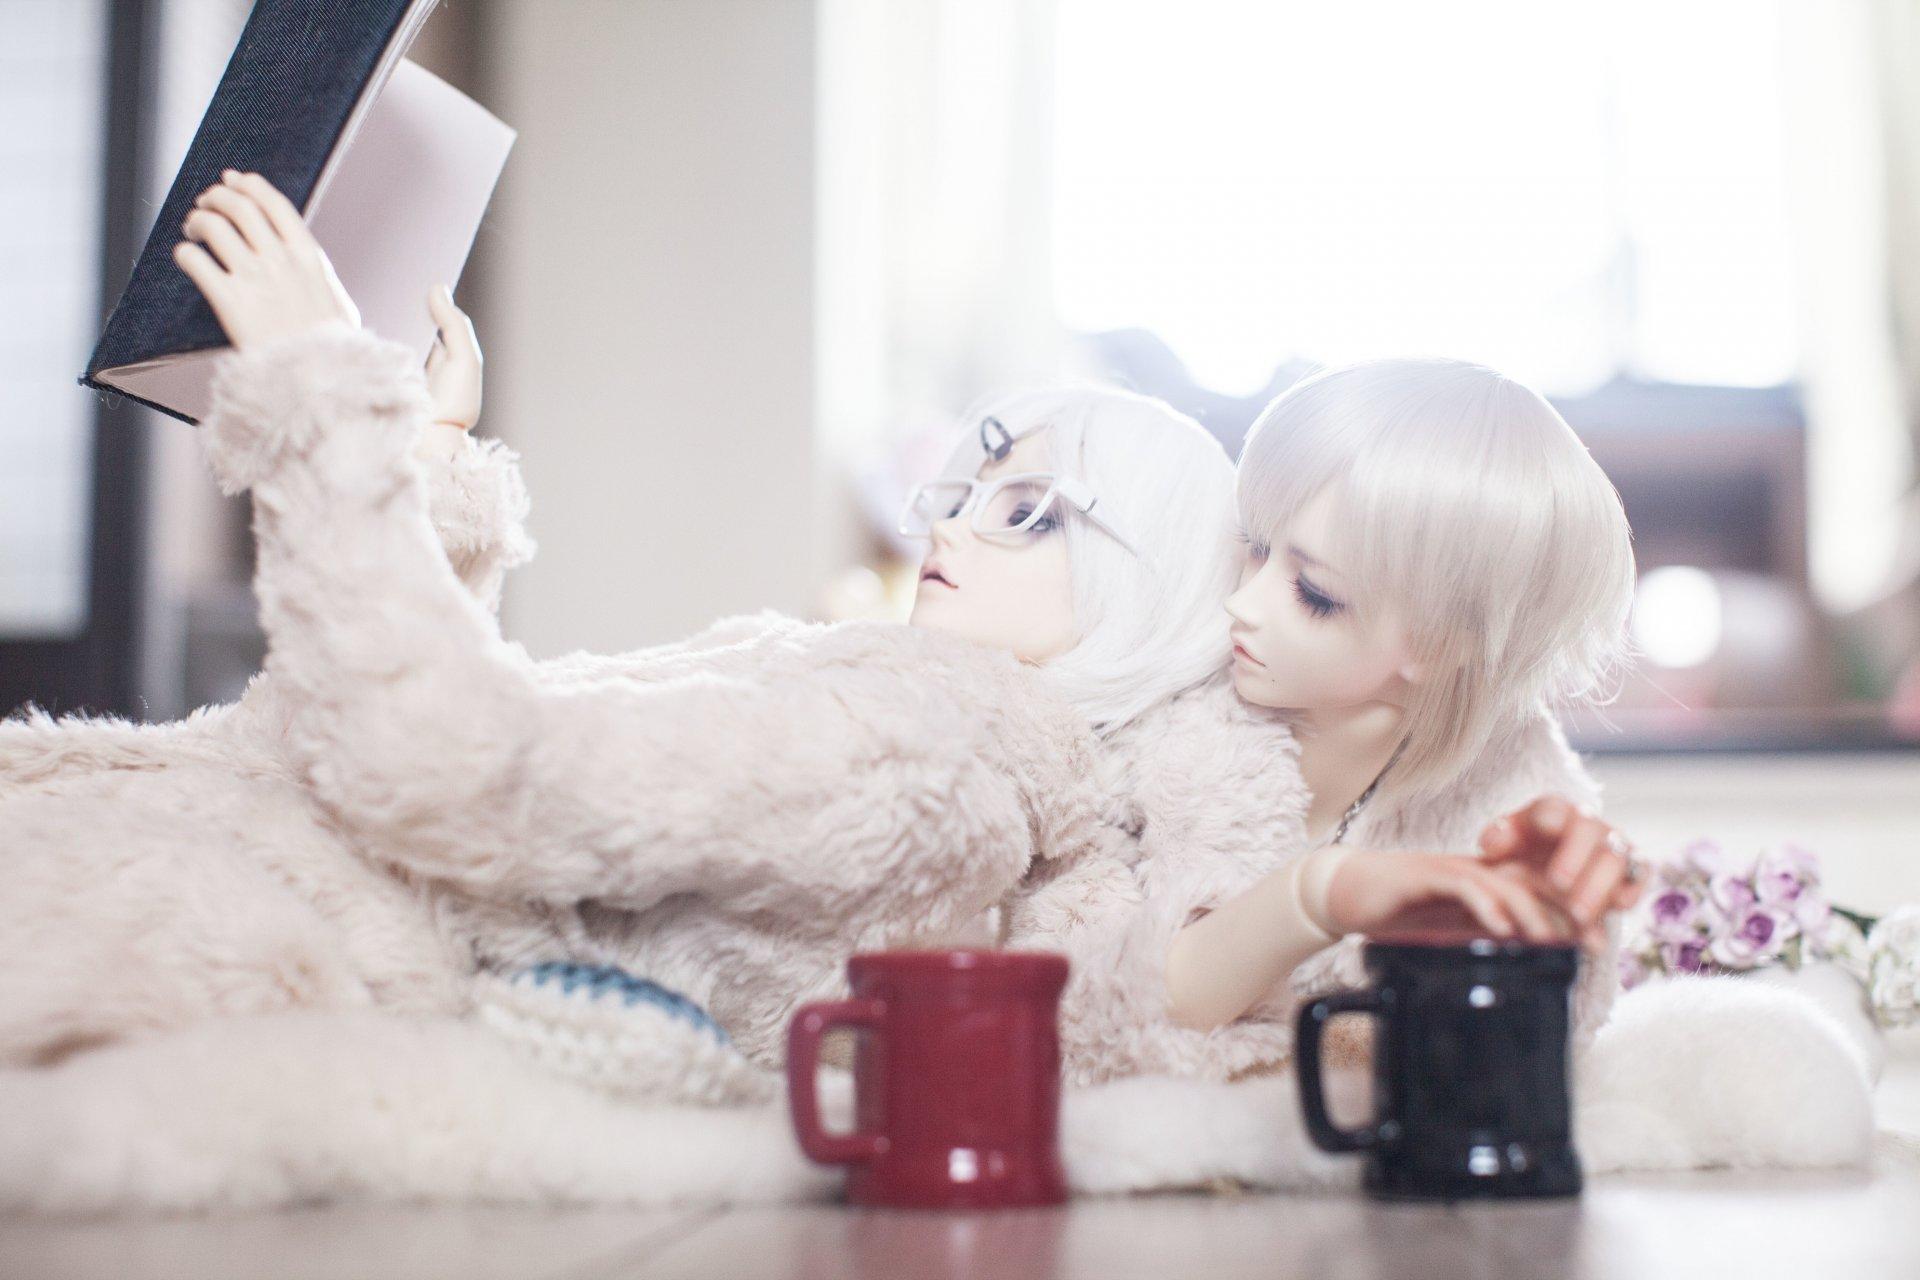 Обои цветы, Кукла, девушка, волосы. Разное foto 12